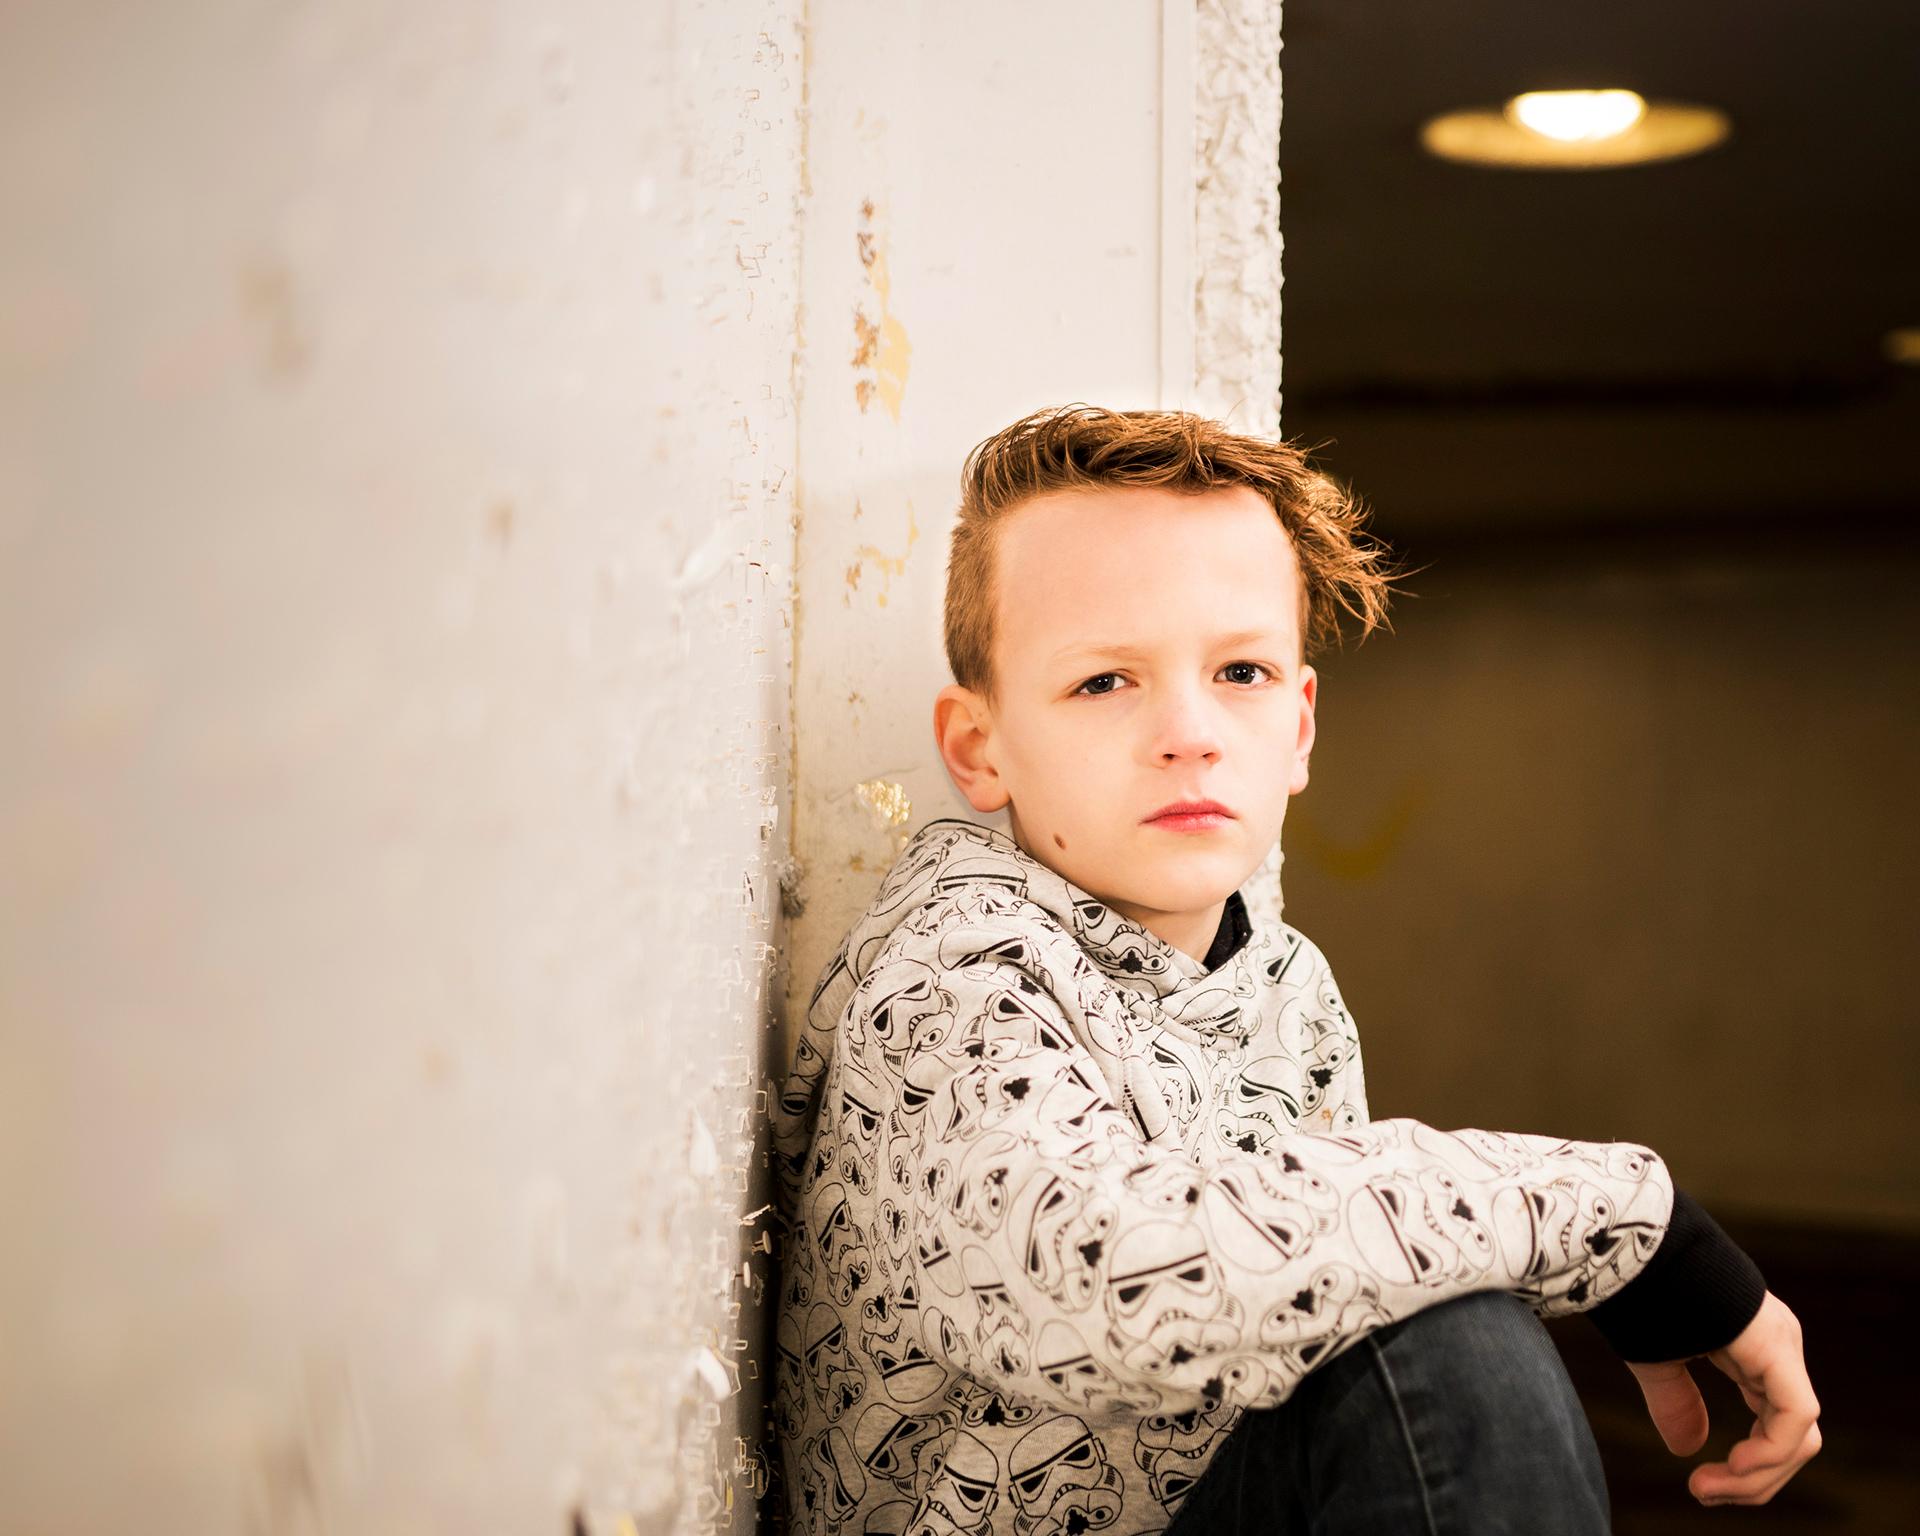 Et av mine første portretter som jeg tok i en undergang på Danmarksplass i Bergen for 2 år siden av min sønn. Enkel blits med softbox.